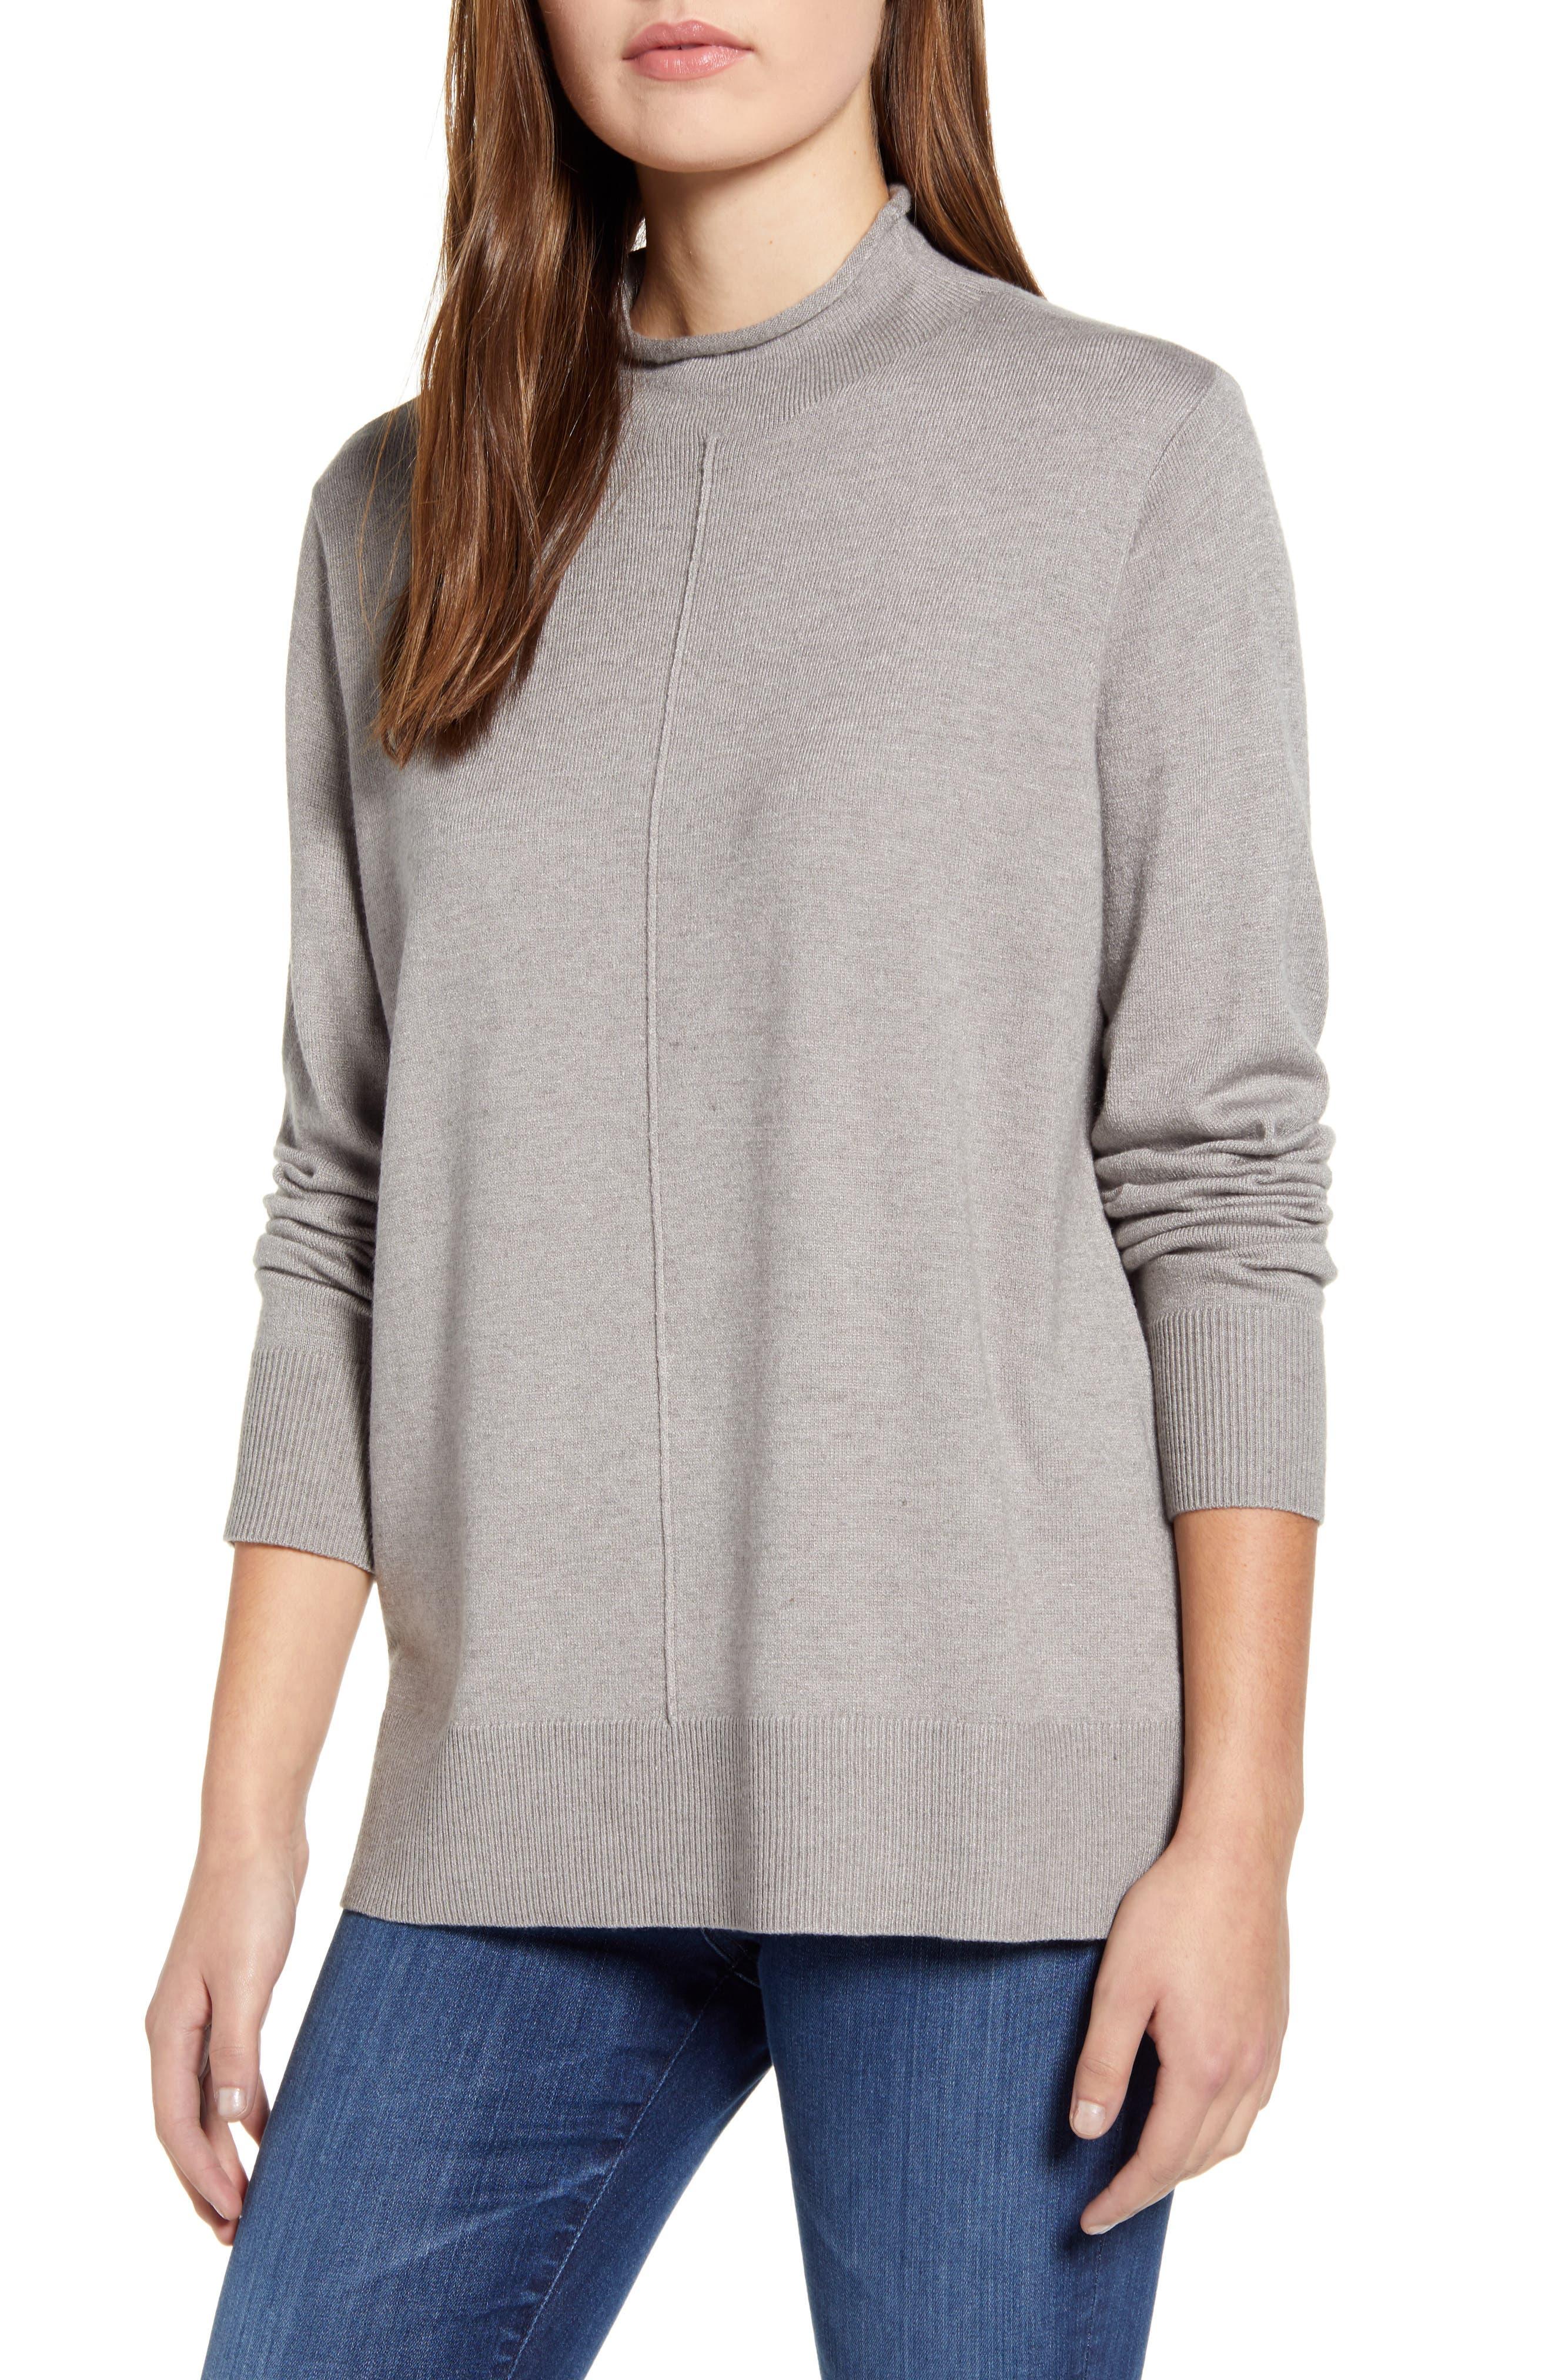 CENY Side Slit Sweater